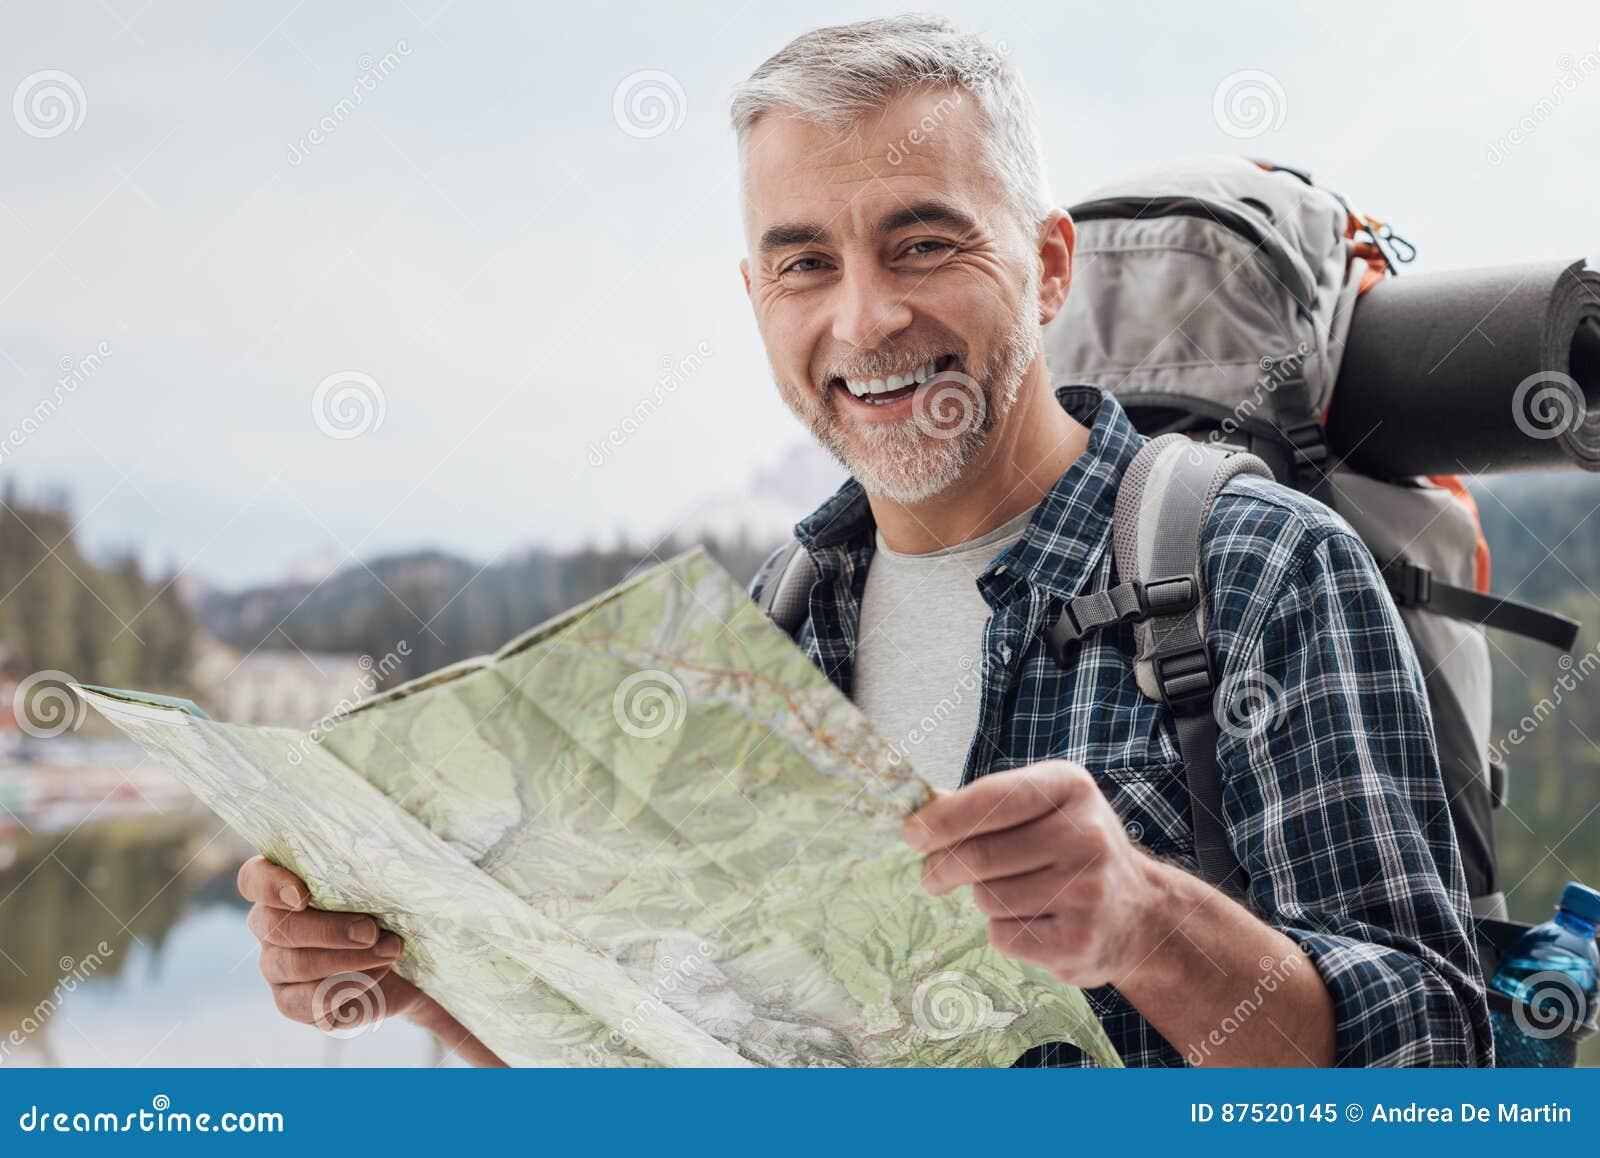 Οδοιπόρος που ψάχνει τις κατευθύνσεις σε έναν χάρτη